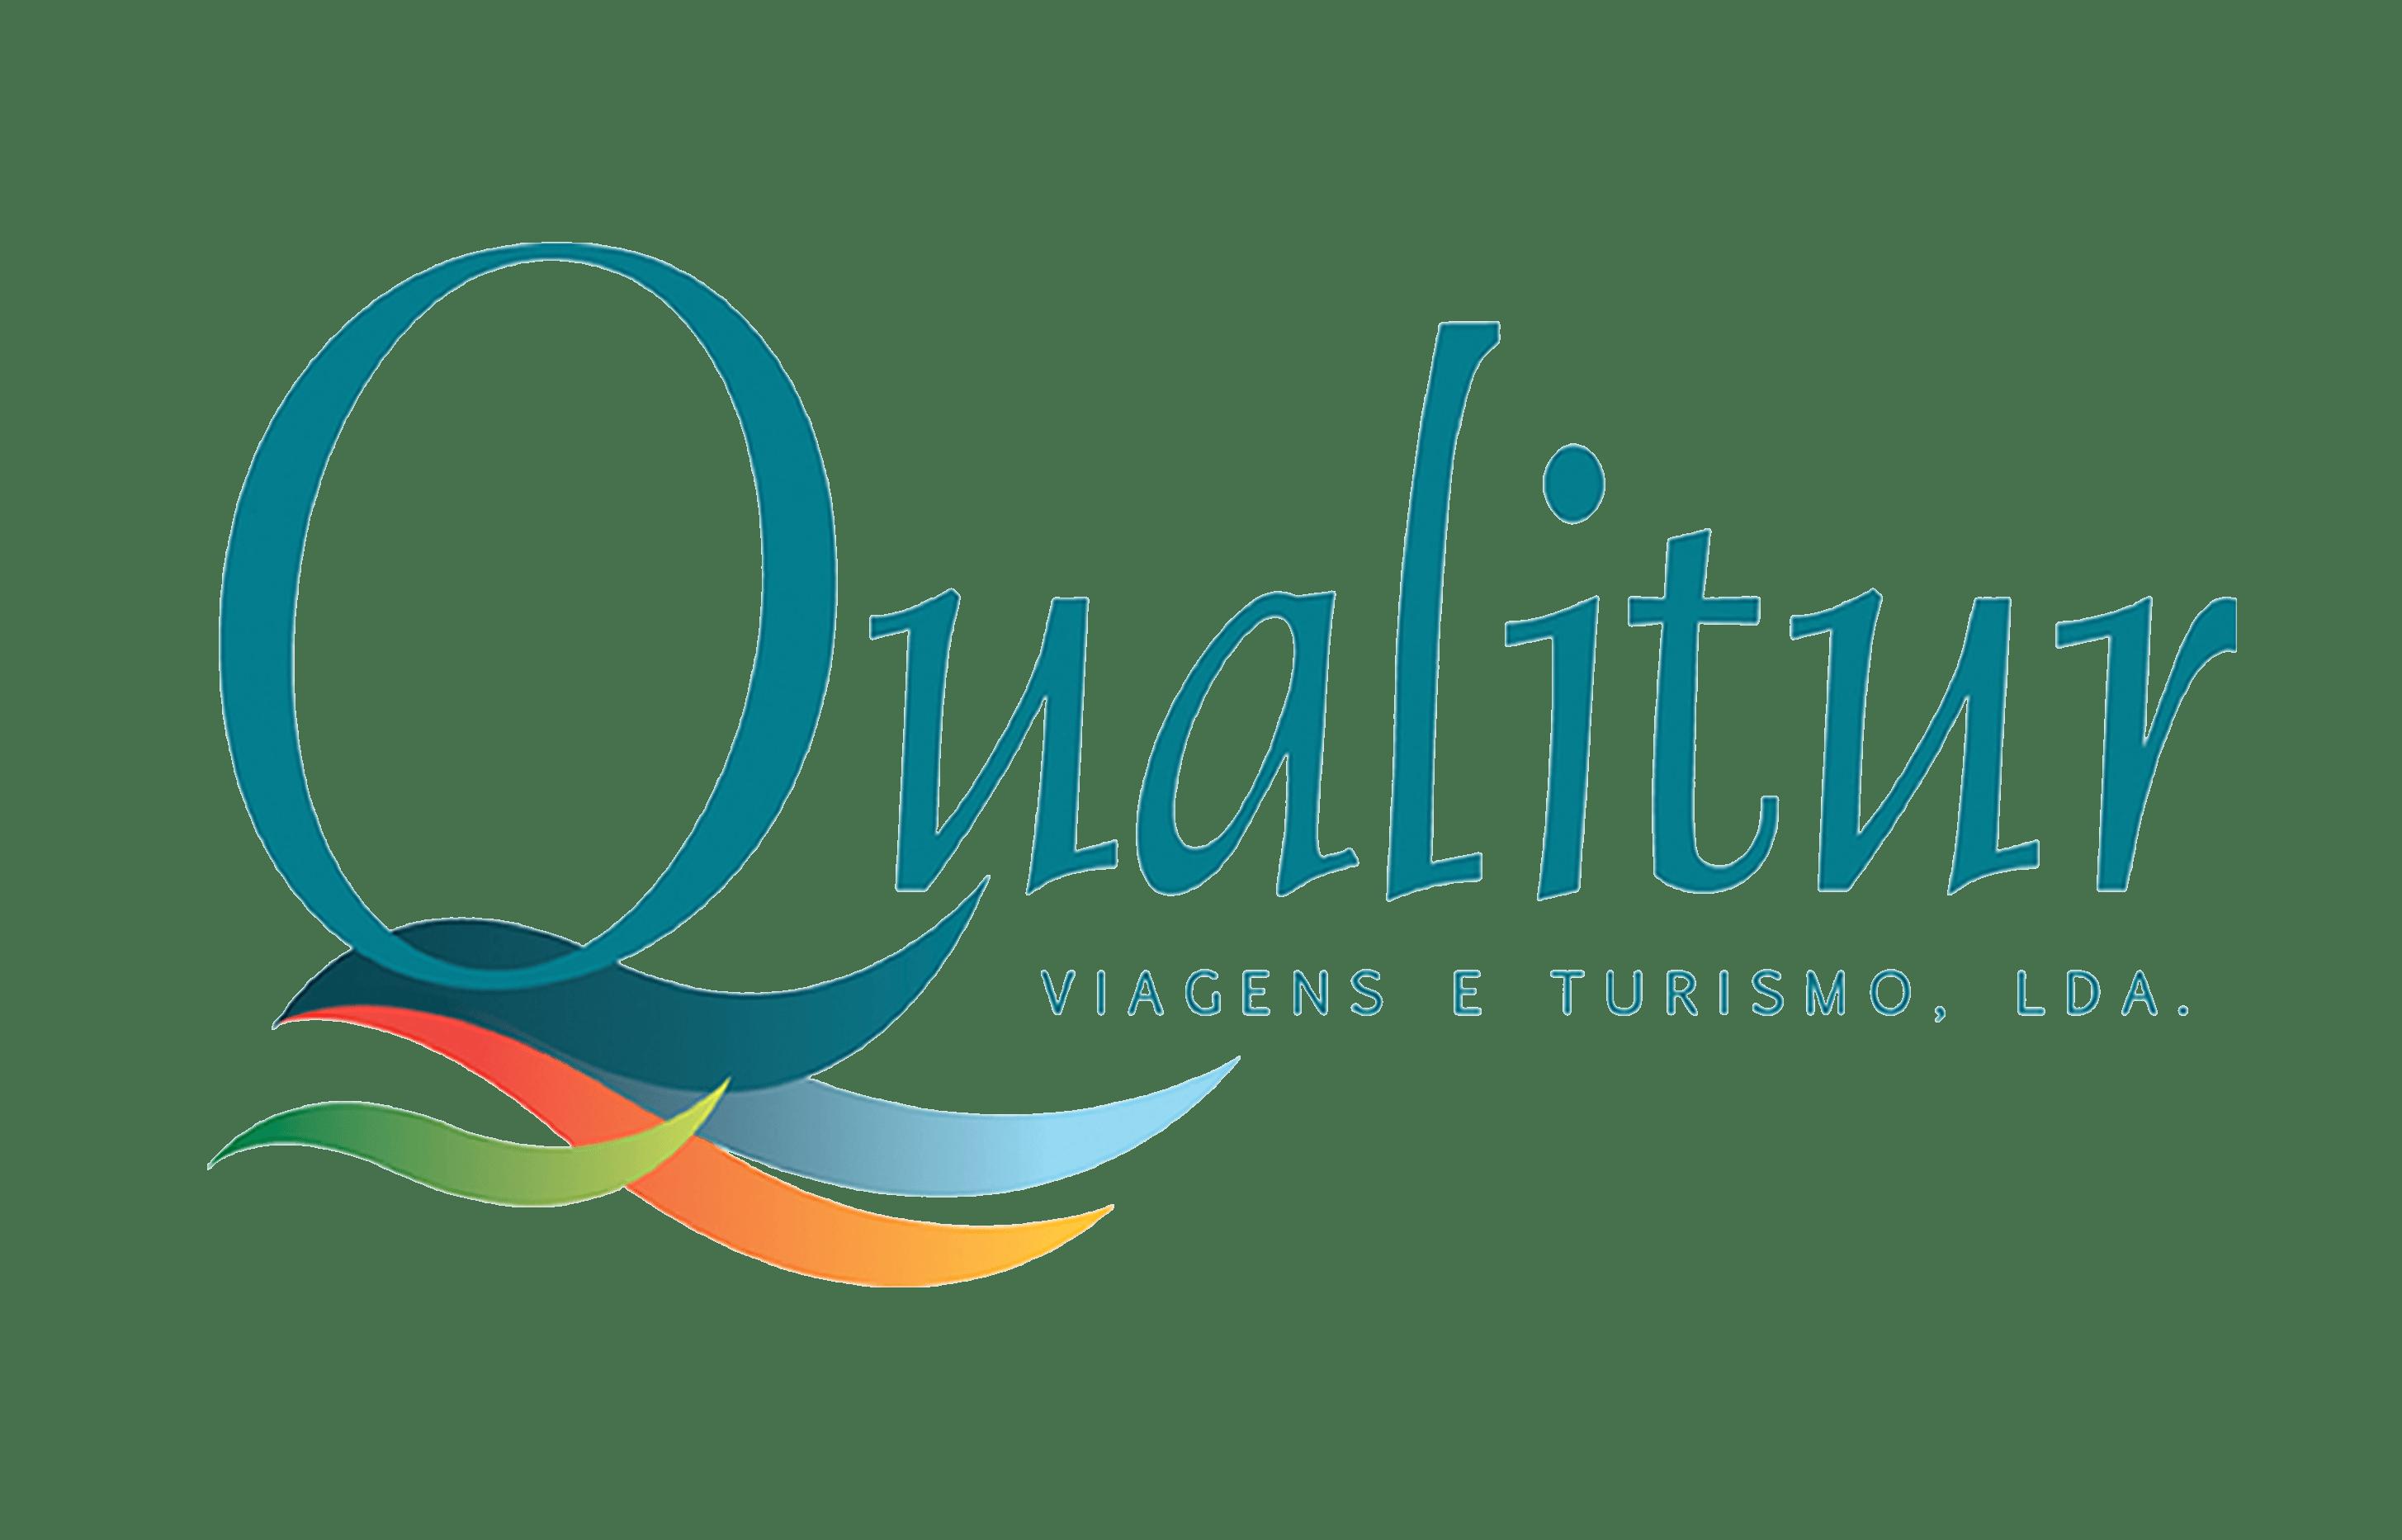 Qualitur Cabo Verde